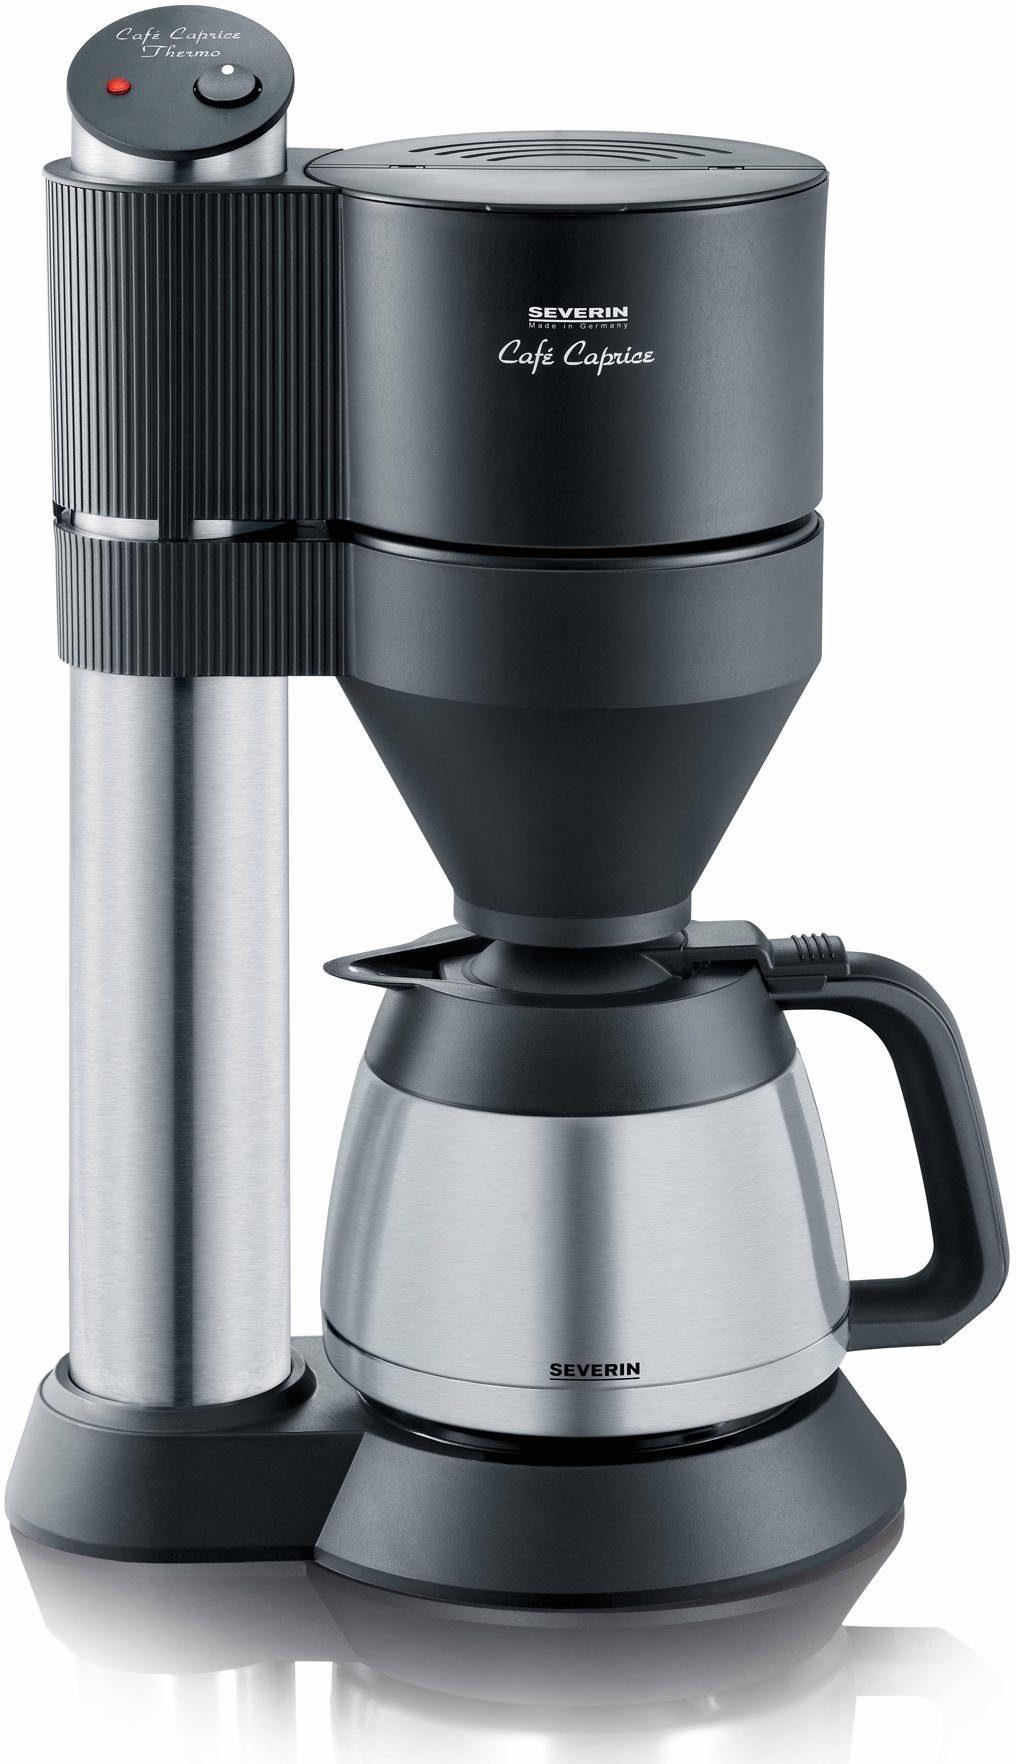 Severin Filterkaffeemaschine Café Caprice KA 5743, 1l Kaffeekanne, Papierfilter 1x4